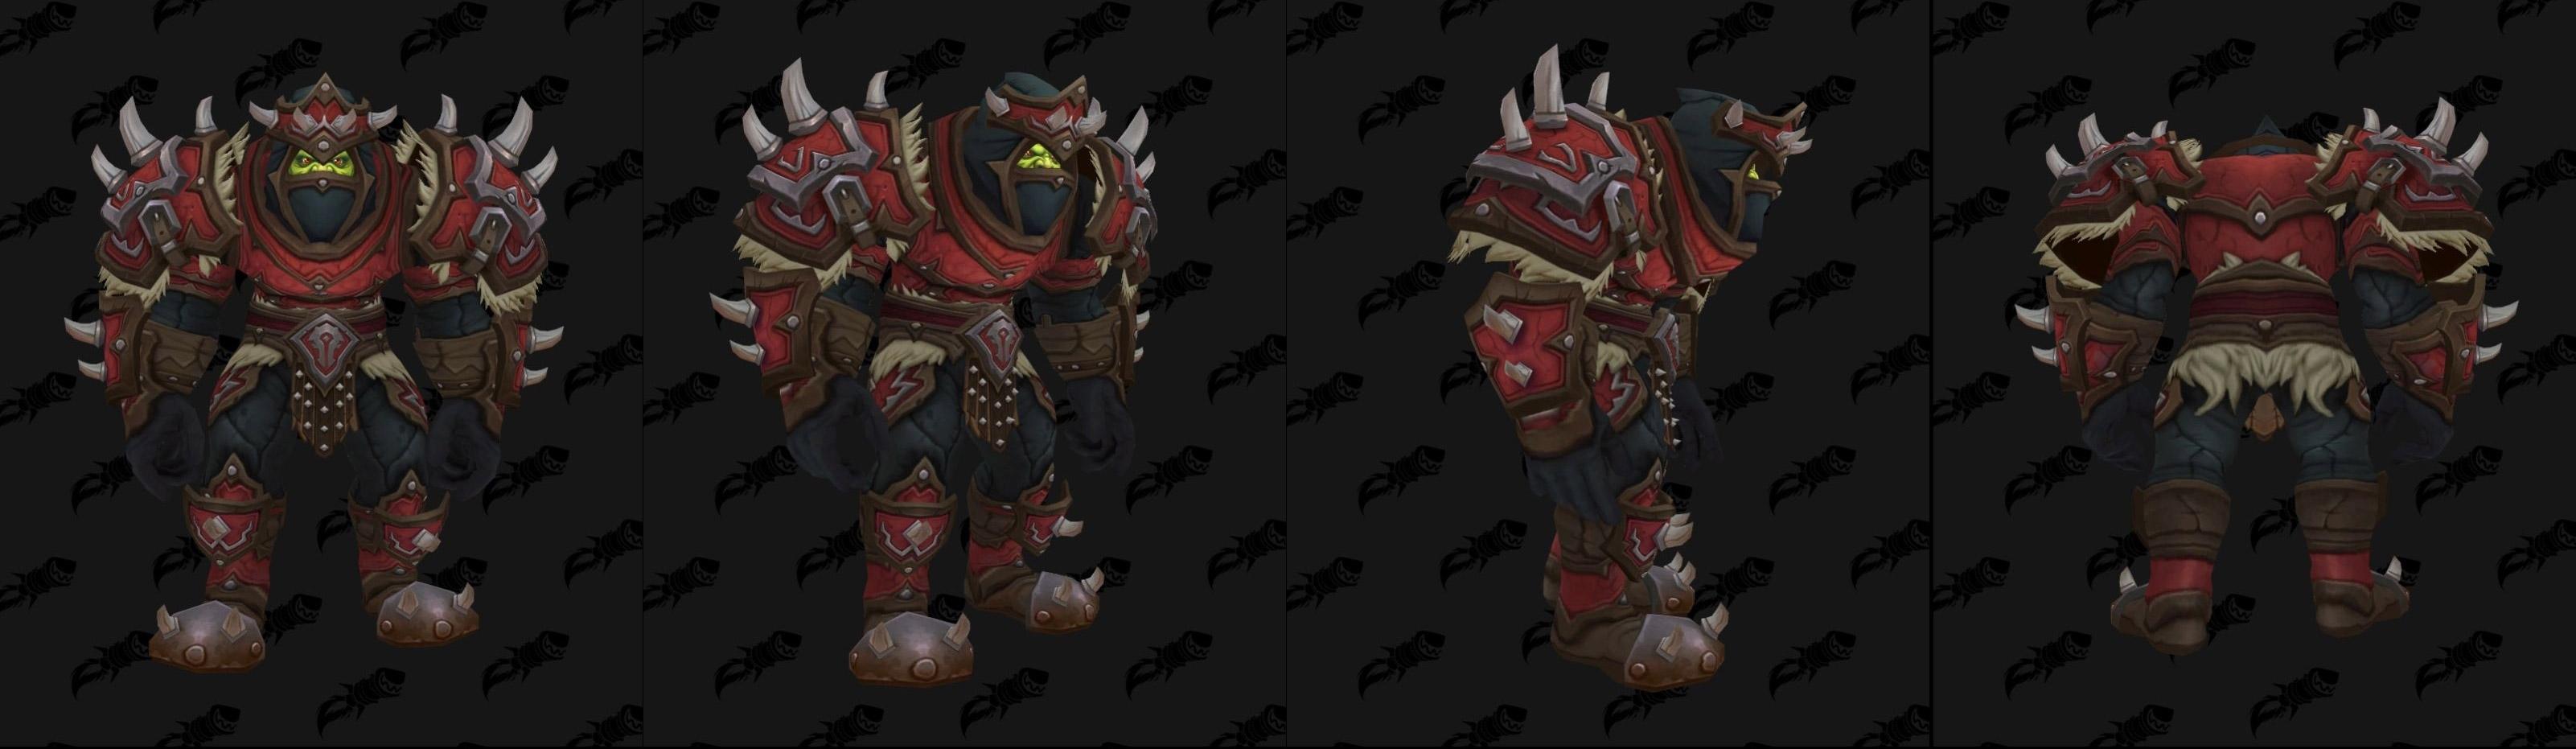 Armures cuir (Horde) - Fronts de guerre Tier 3 - Coloris 1